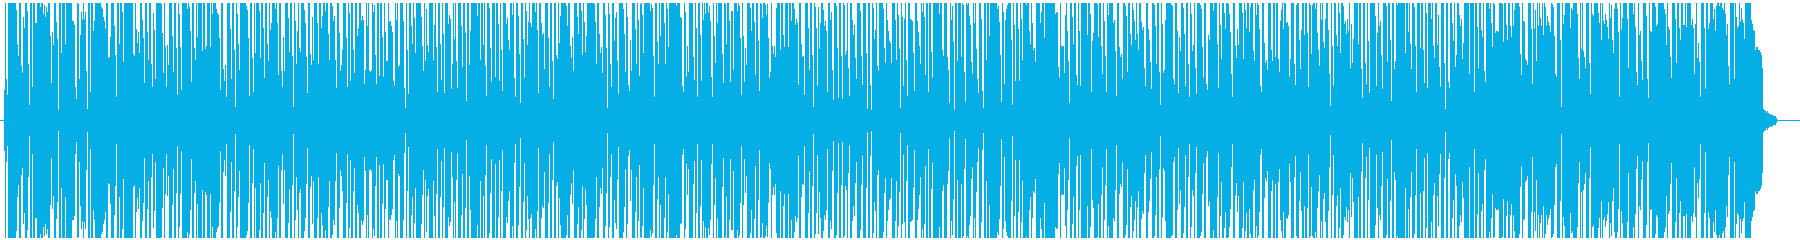 穏やかなのにファンキーなソウル・R&Bの再生済みの波形